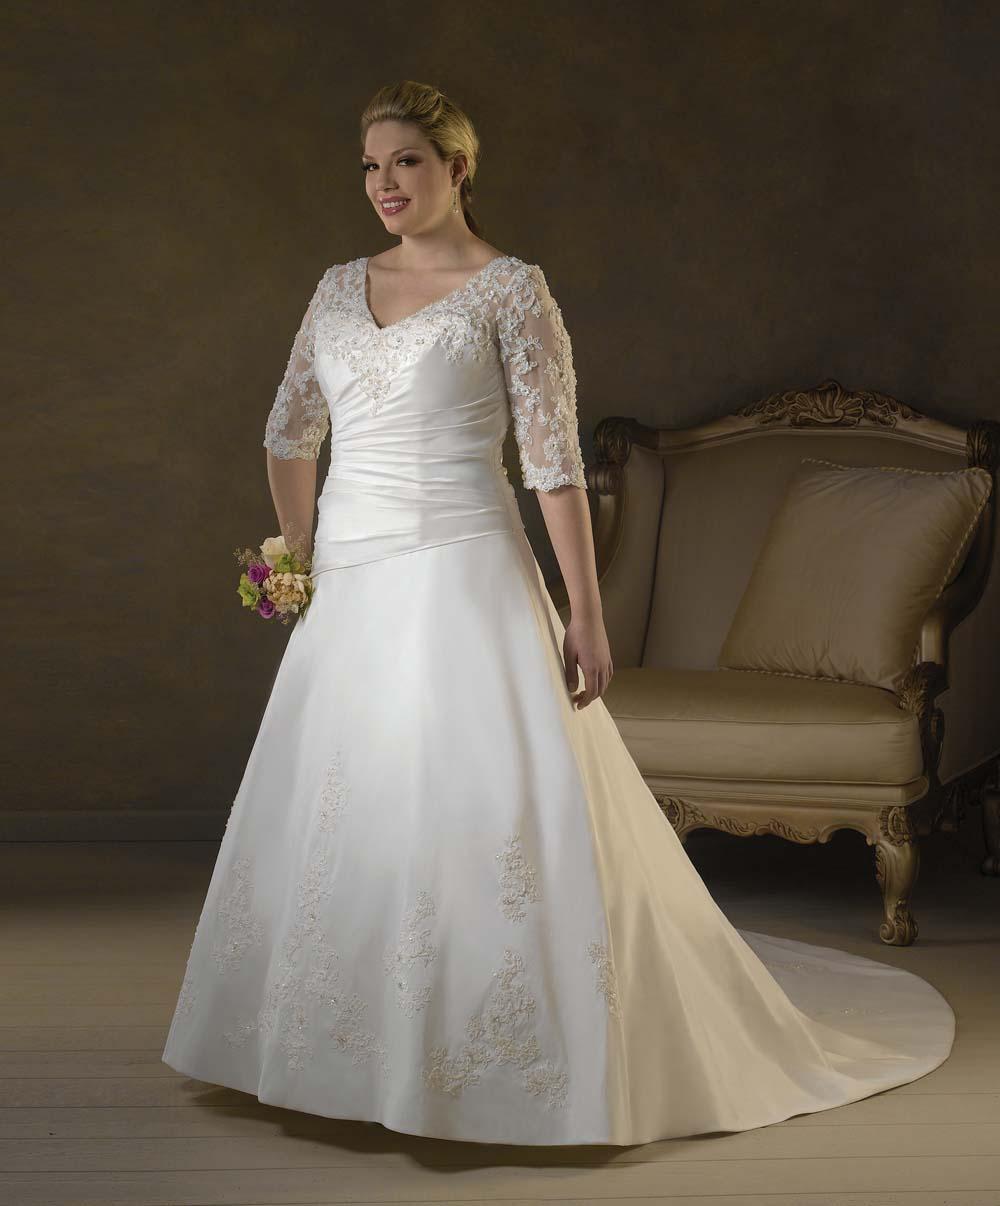 size 4 wedding dresses photo - 1